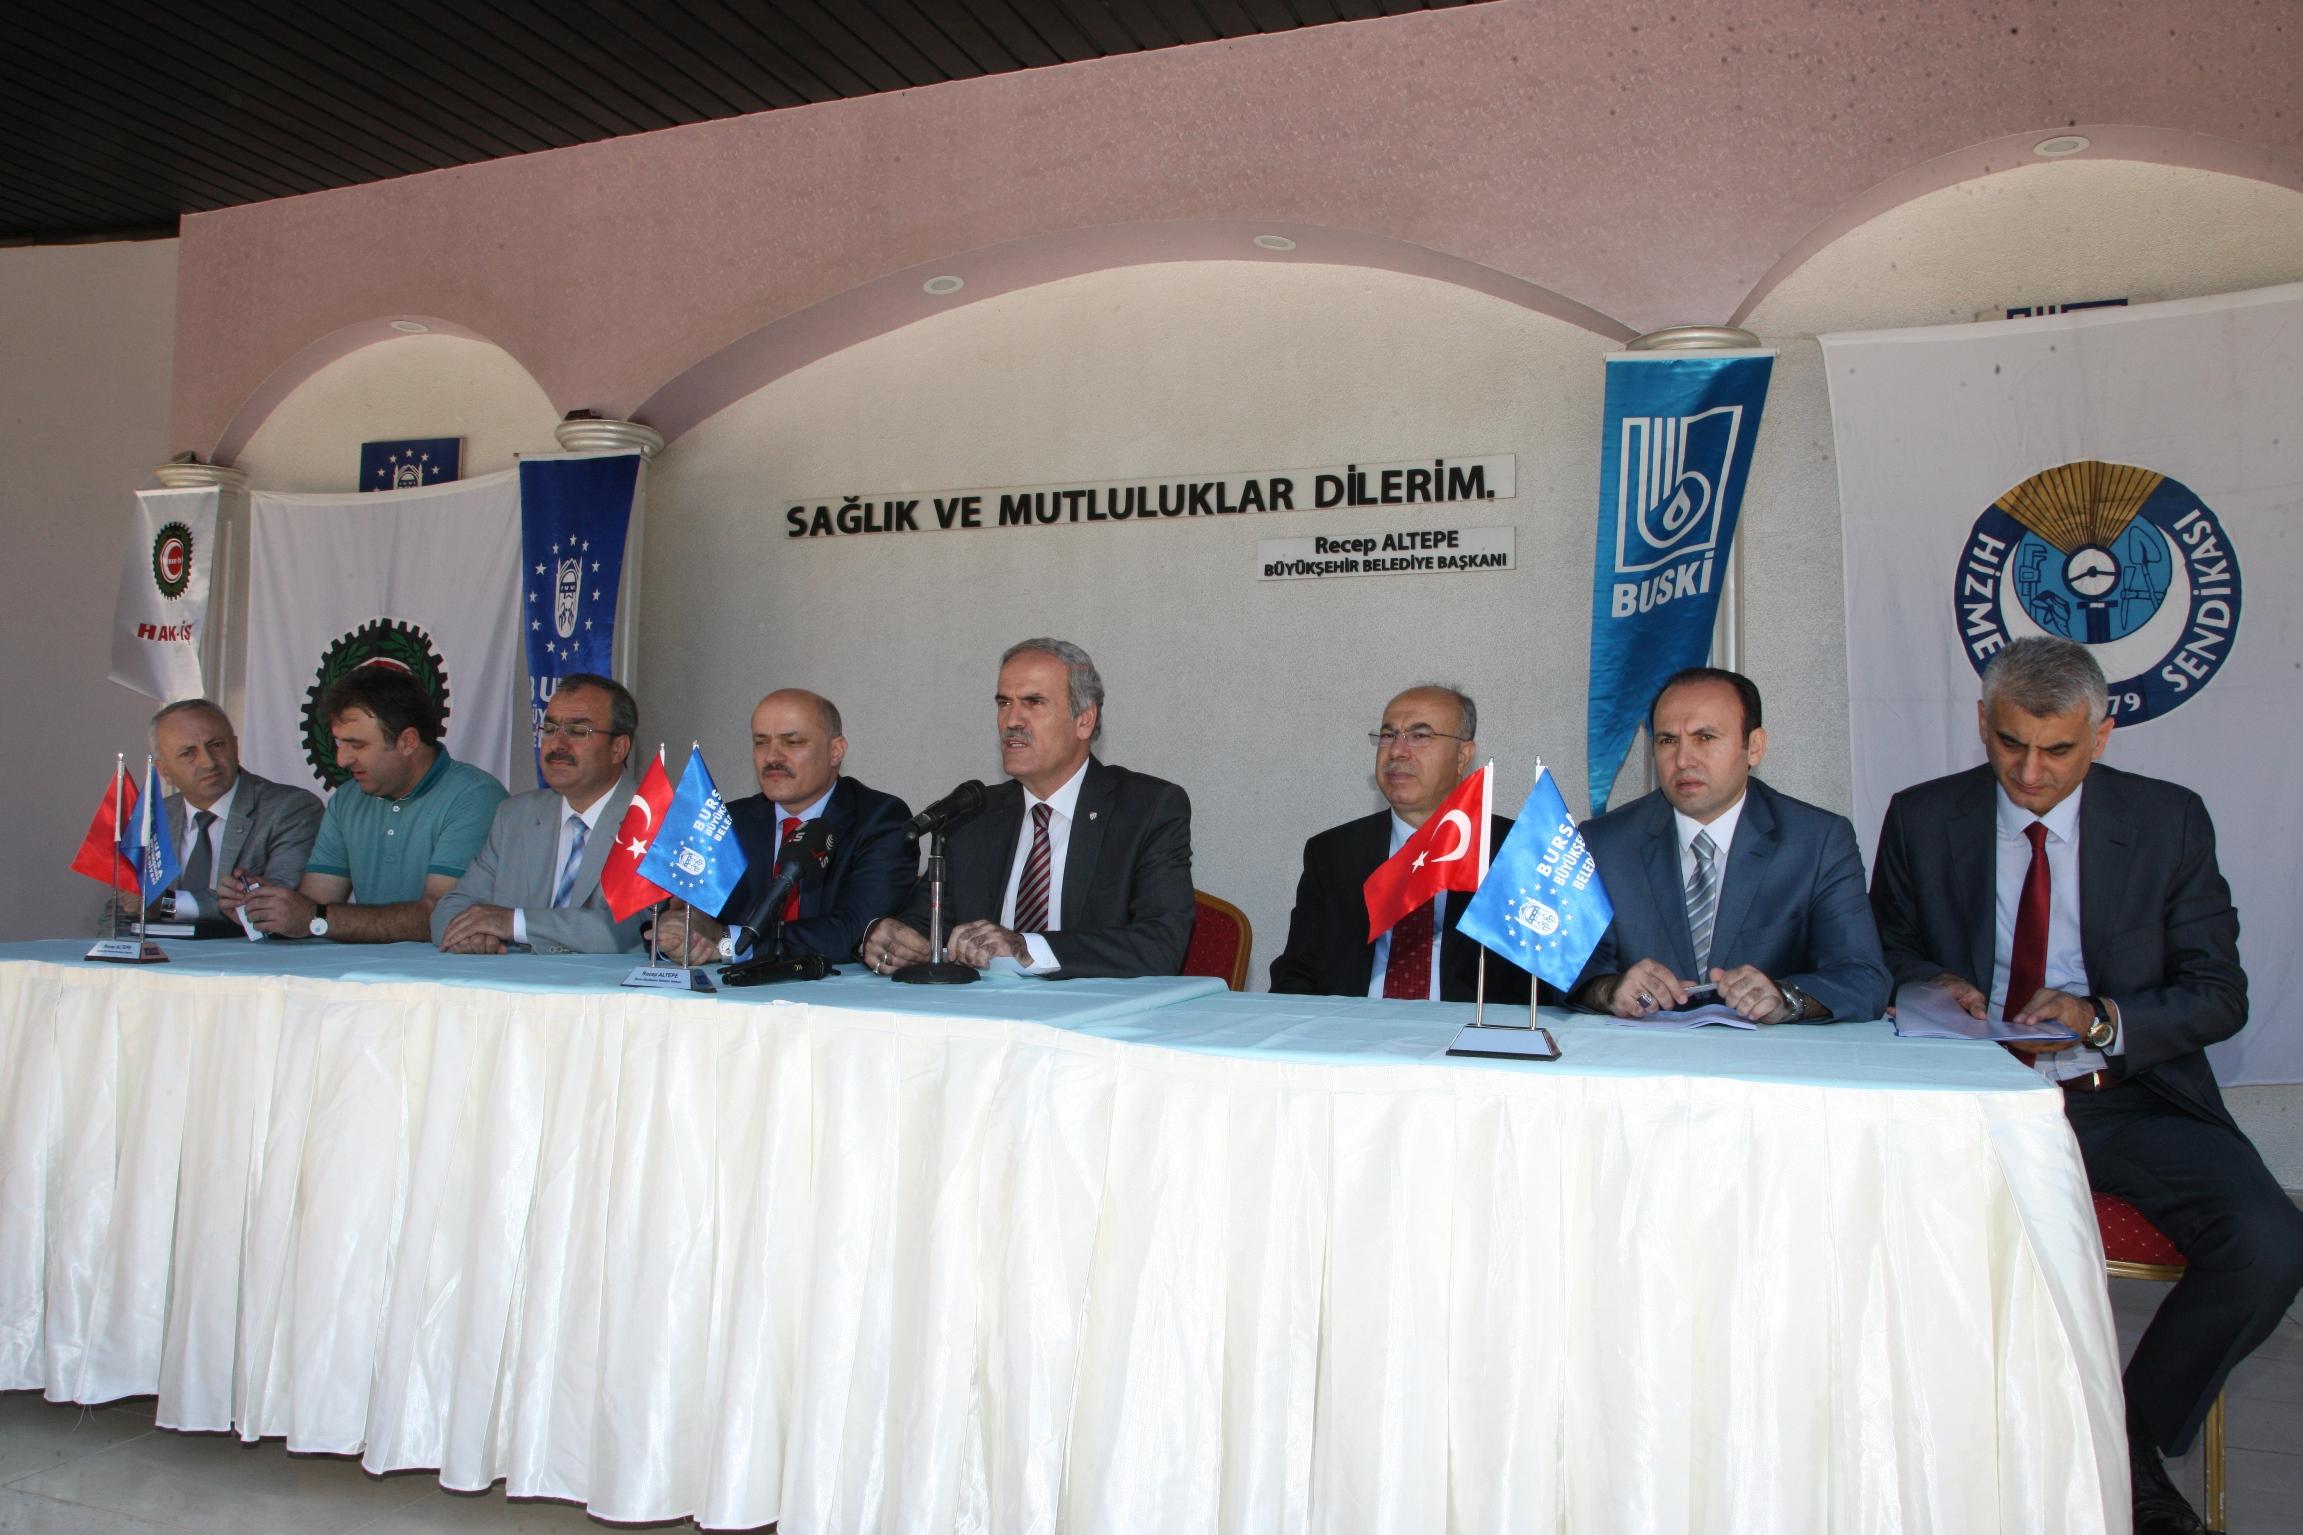 Bursa Büyükşehir ve BUSKİ'de Davul Zurnalı Tören